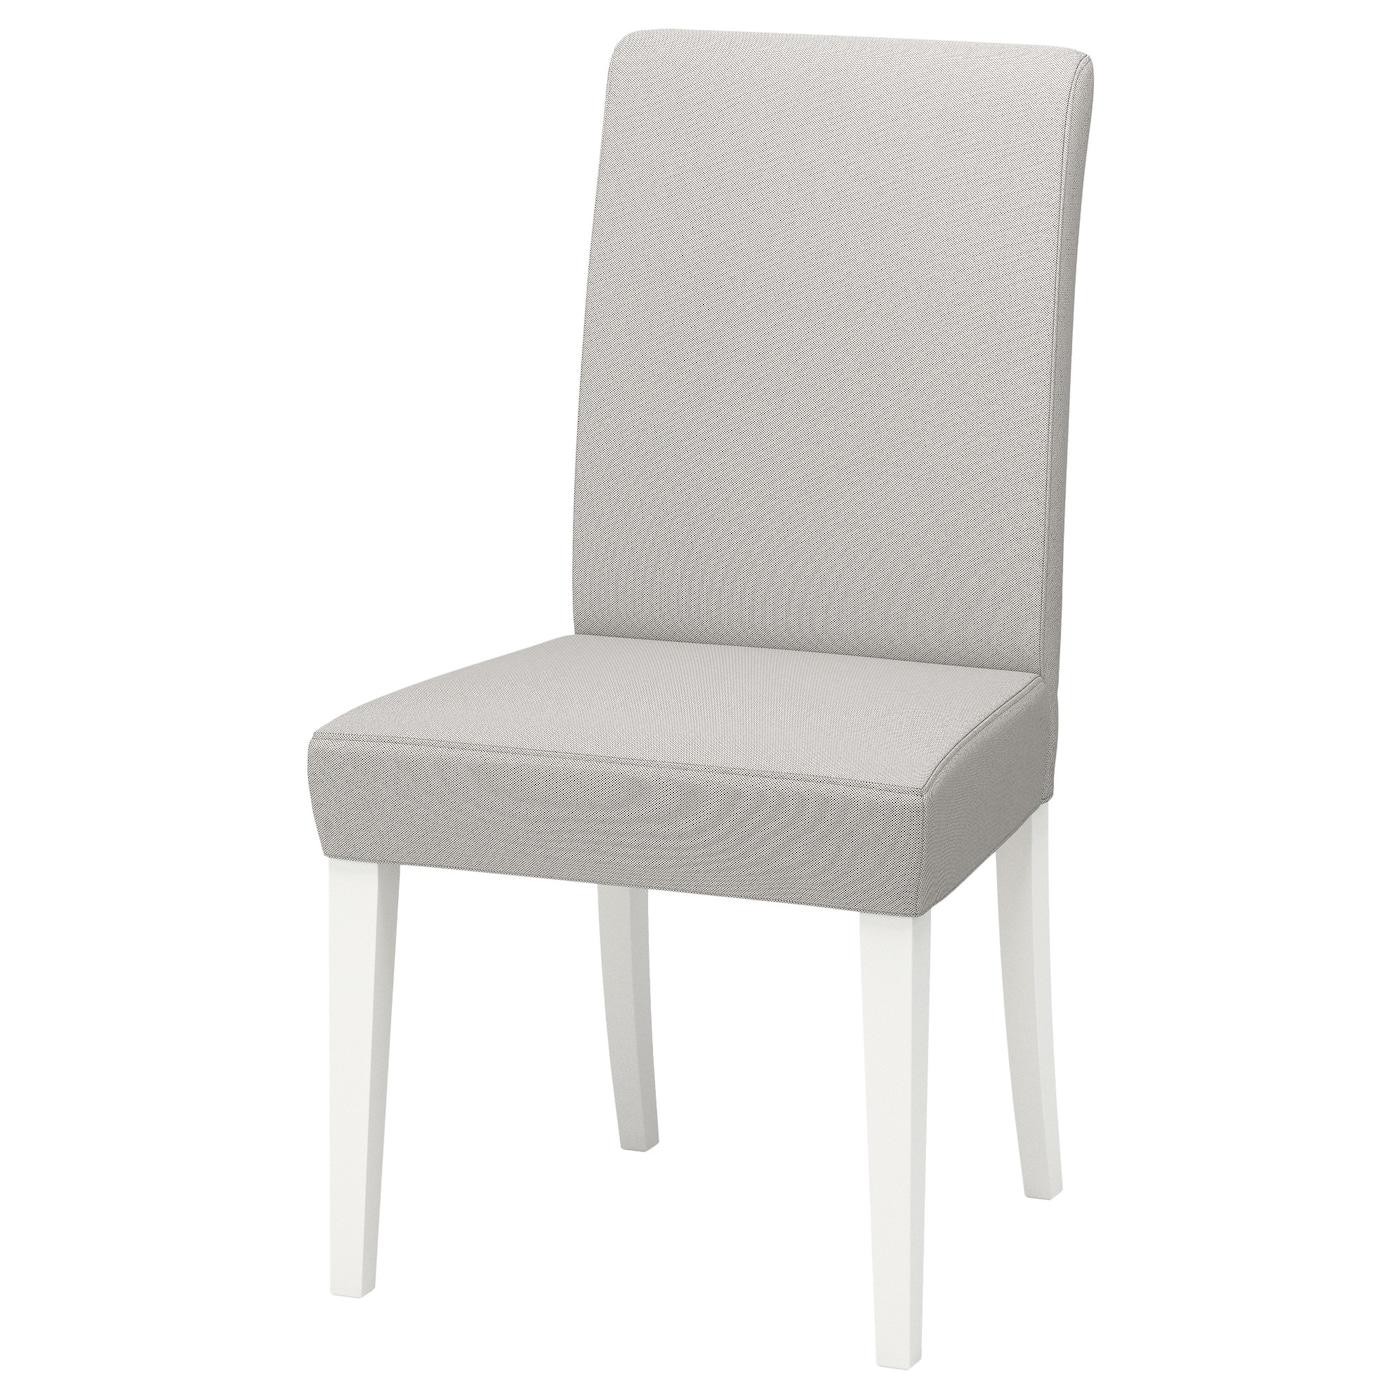 chaises design scandinave moderne vintage pas cher ikea. Black Bedroom Furniture Sets. Home Design Ideas